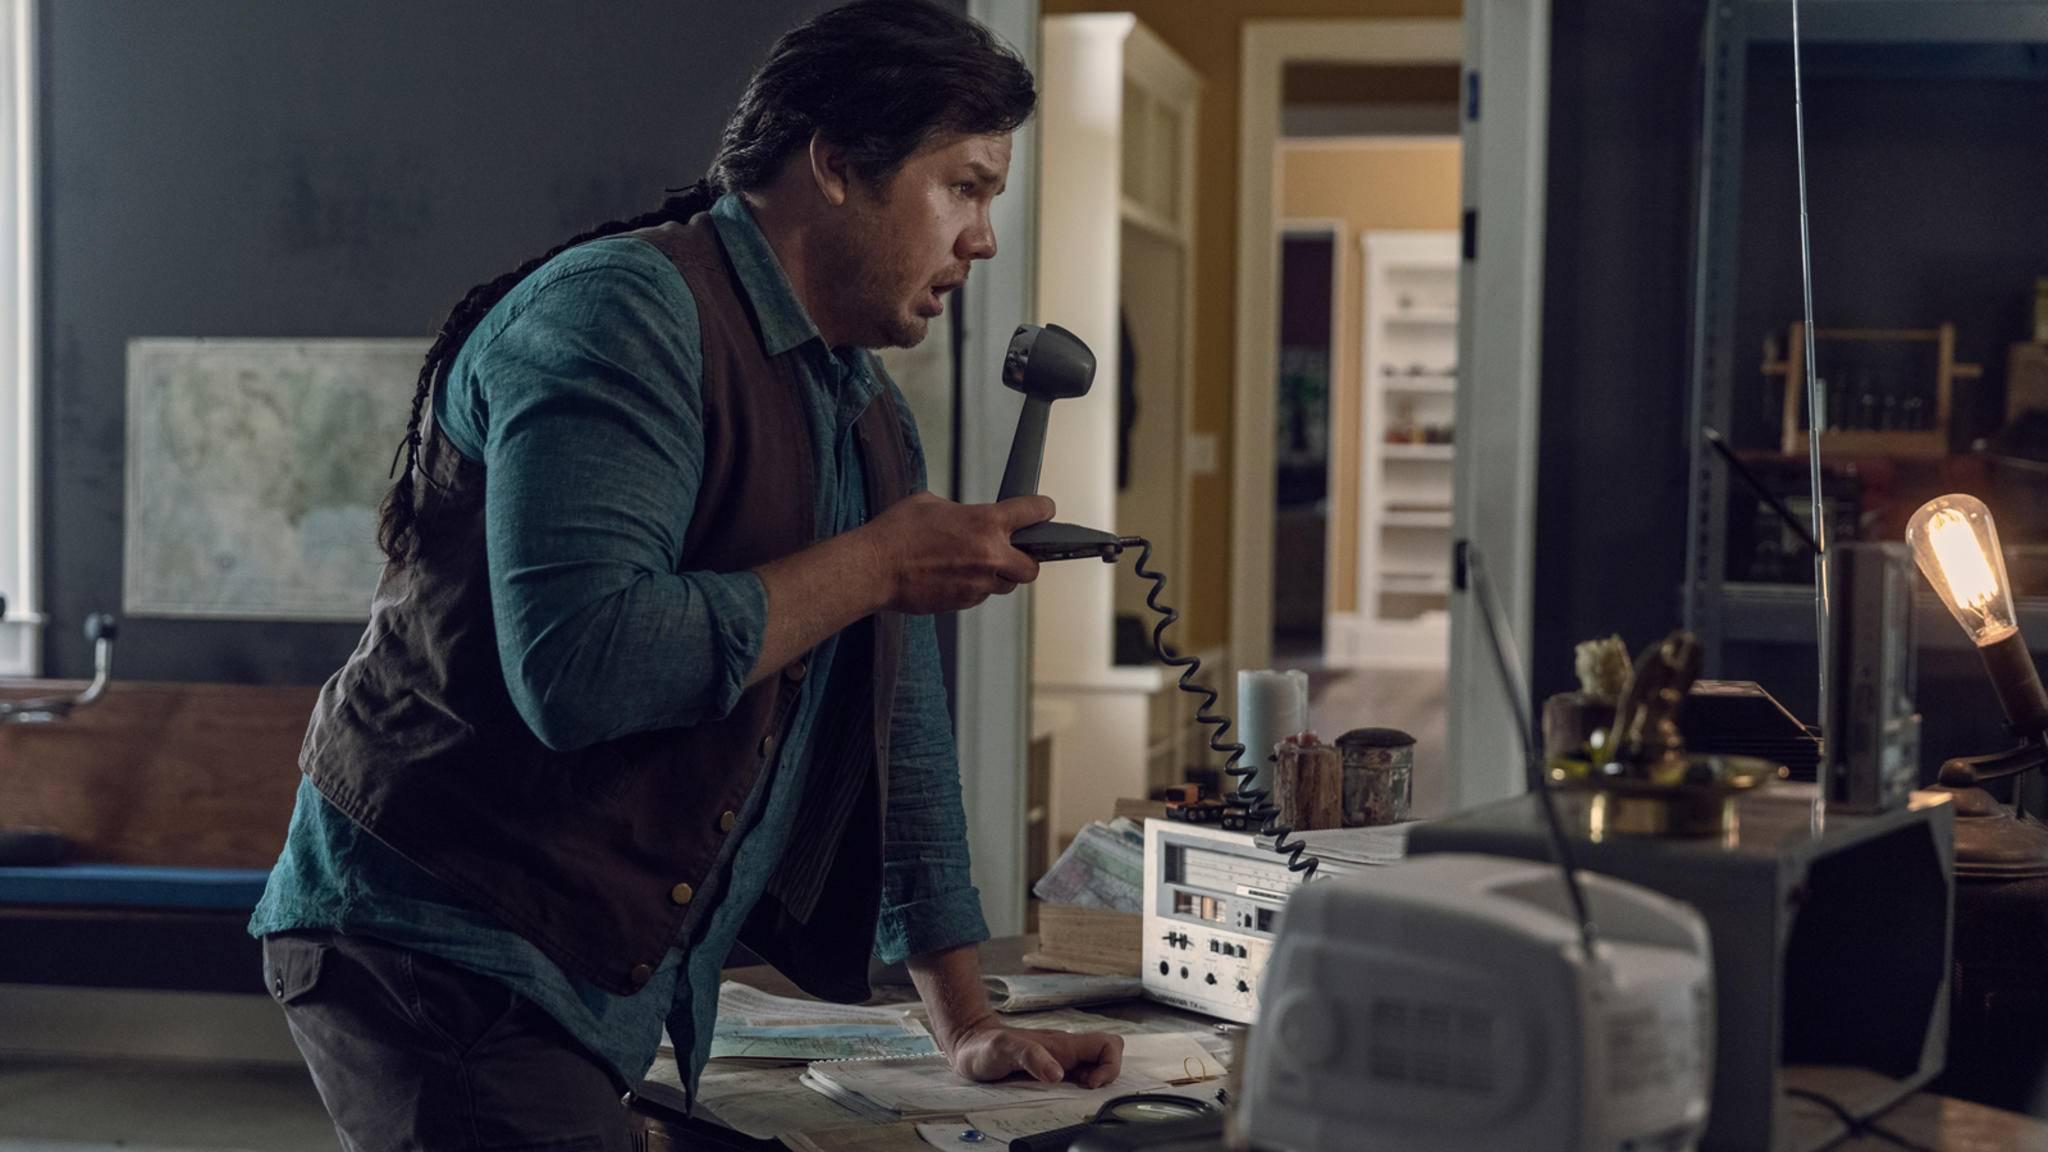 The Walking Dead-S10E01-Eugene-Jackson Lee Davis-AMC